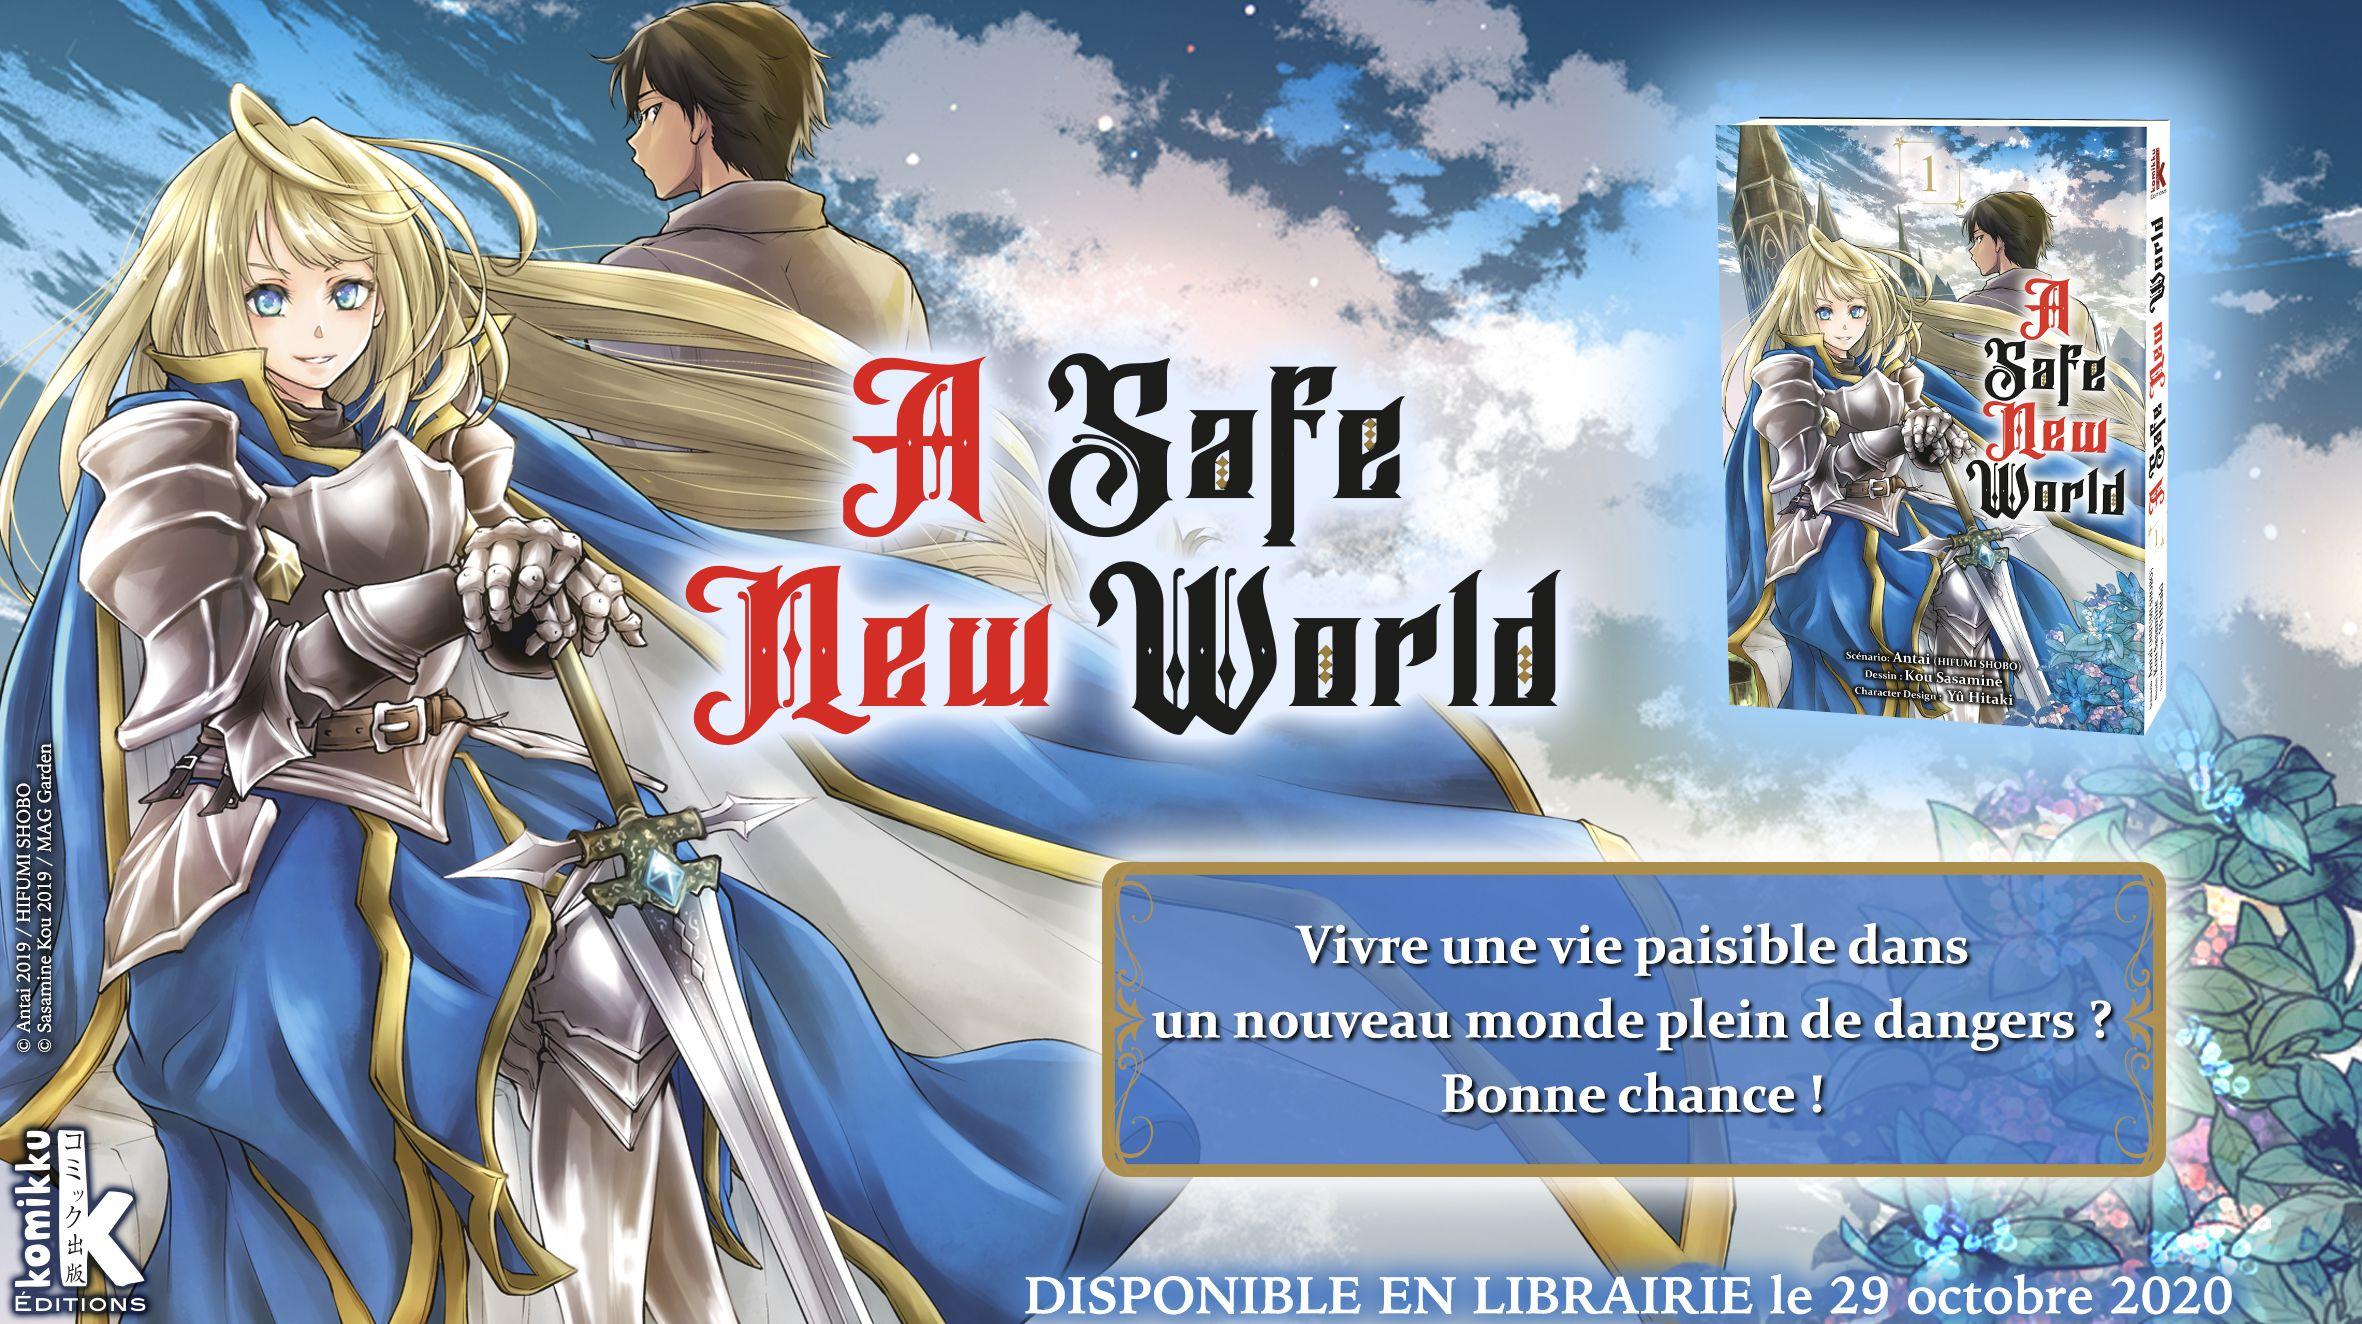 A Safe New World